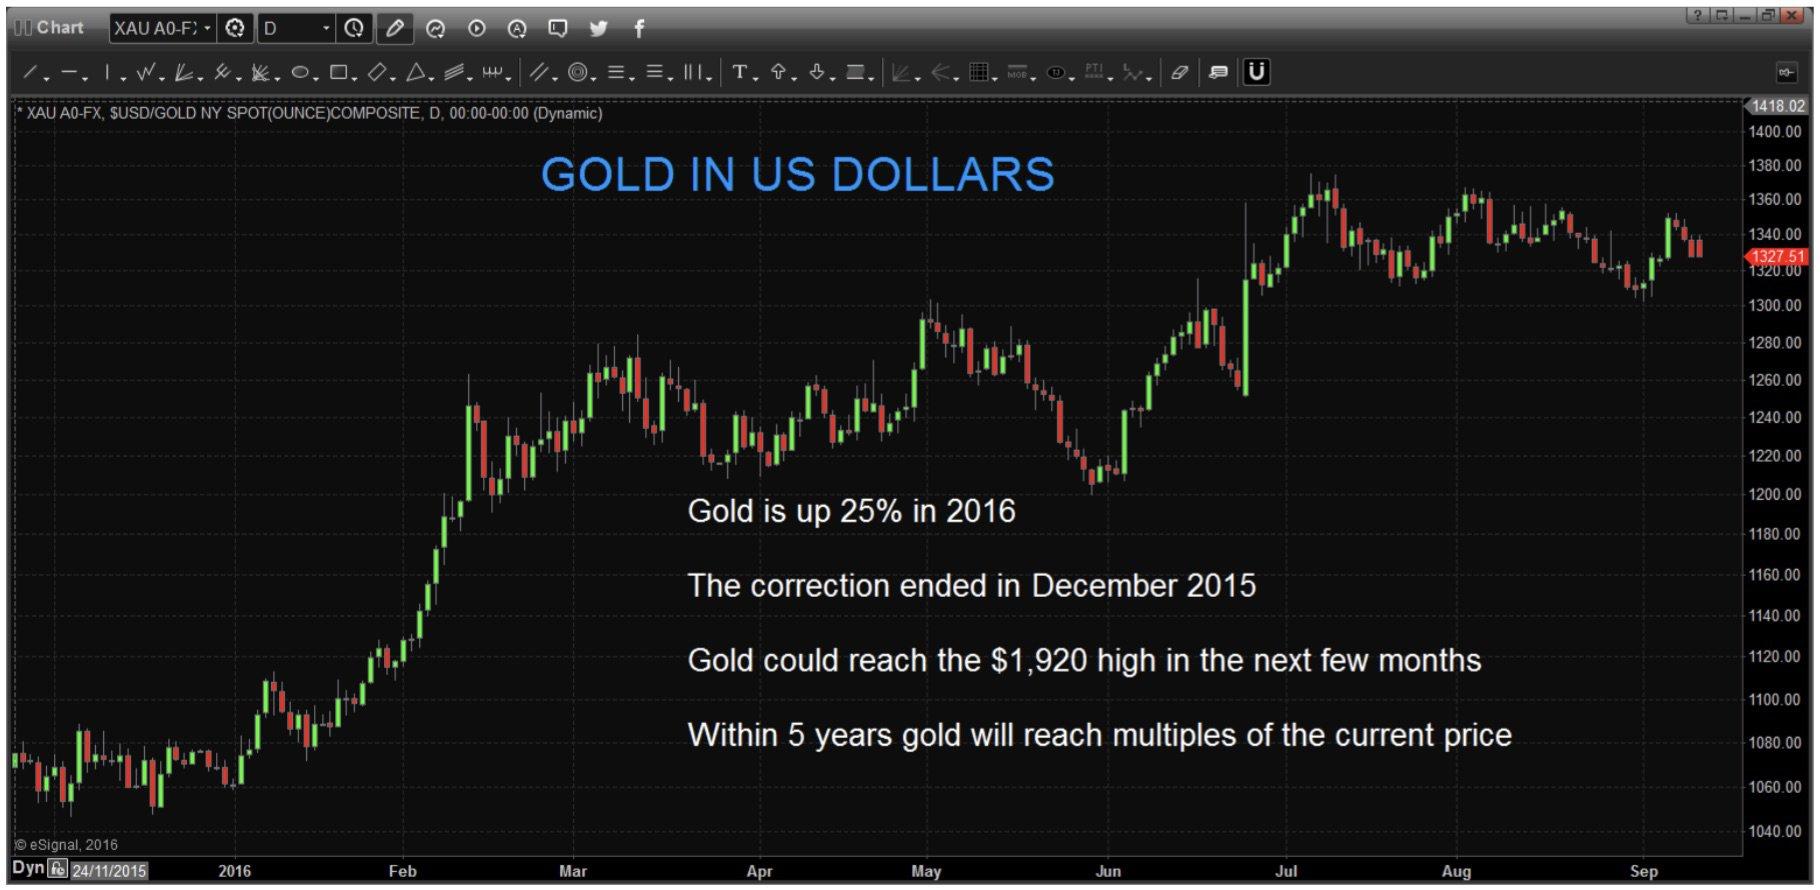 L'or a déjà grimpé de 25% en 2016 La correction s'est terminée en décembre 2015 L'or pourrait atteindre son sommet de 1 920 $ d'ici quelques mois D'ici cinq ans, l'or atteindra des multiples du prix actuel